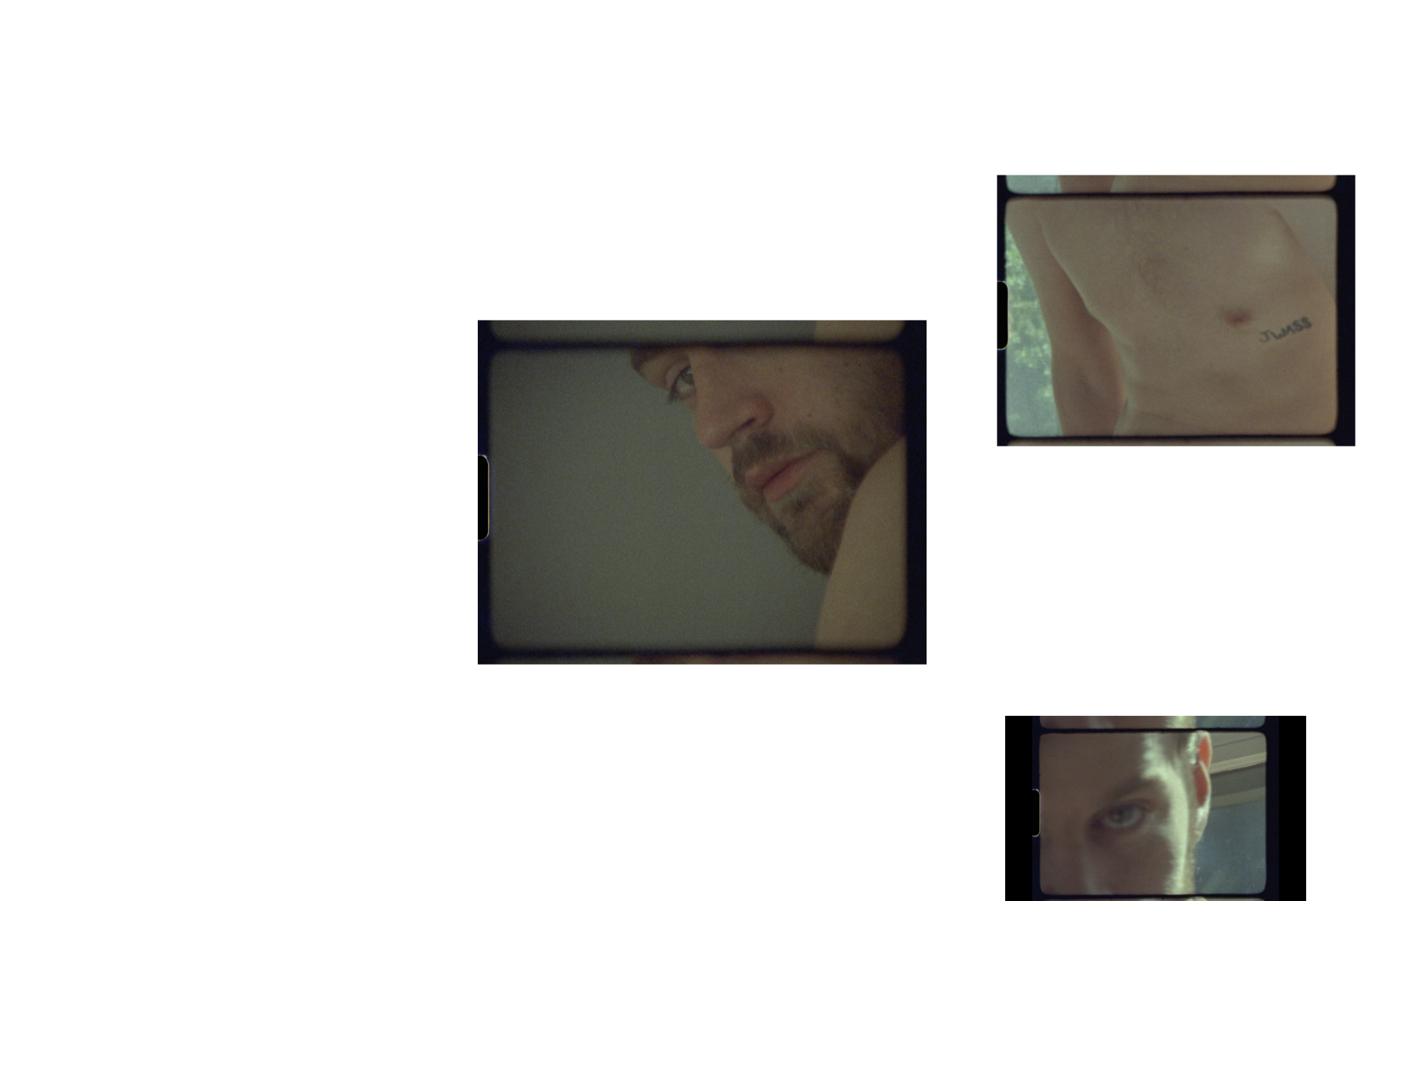 Screen Shot 2019-09-16 at 2.35.37 PM.png